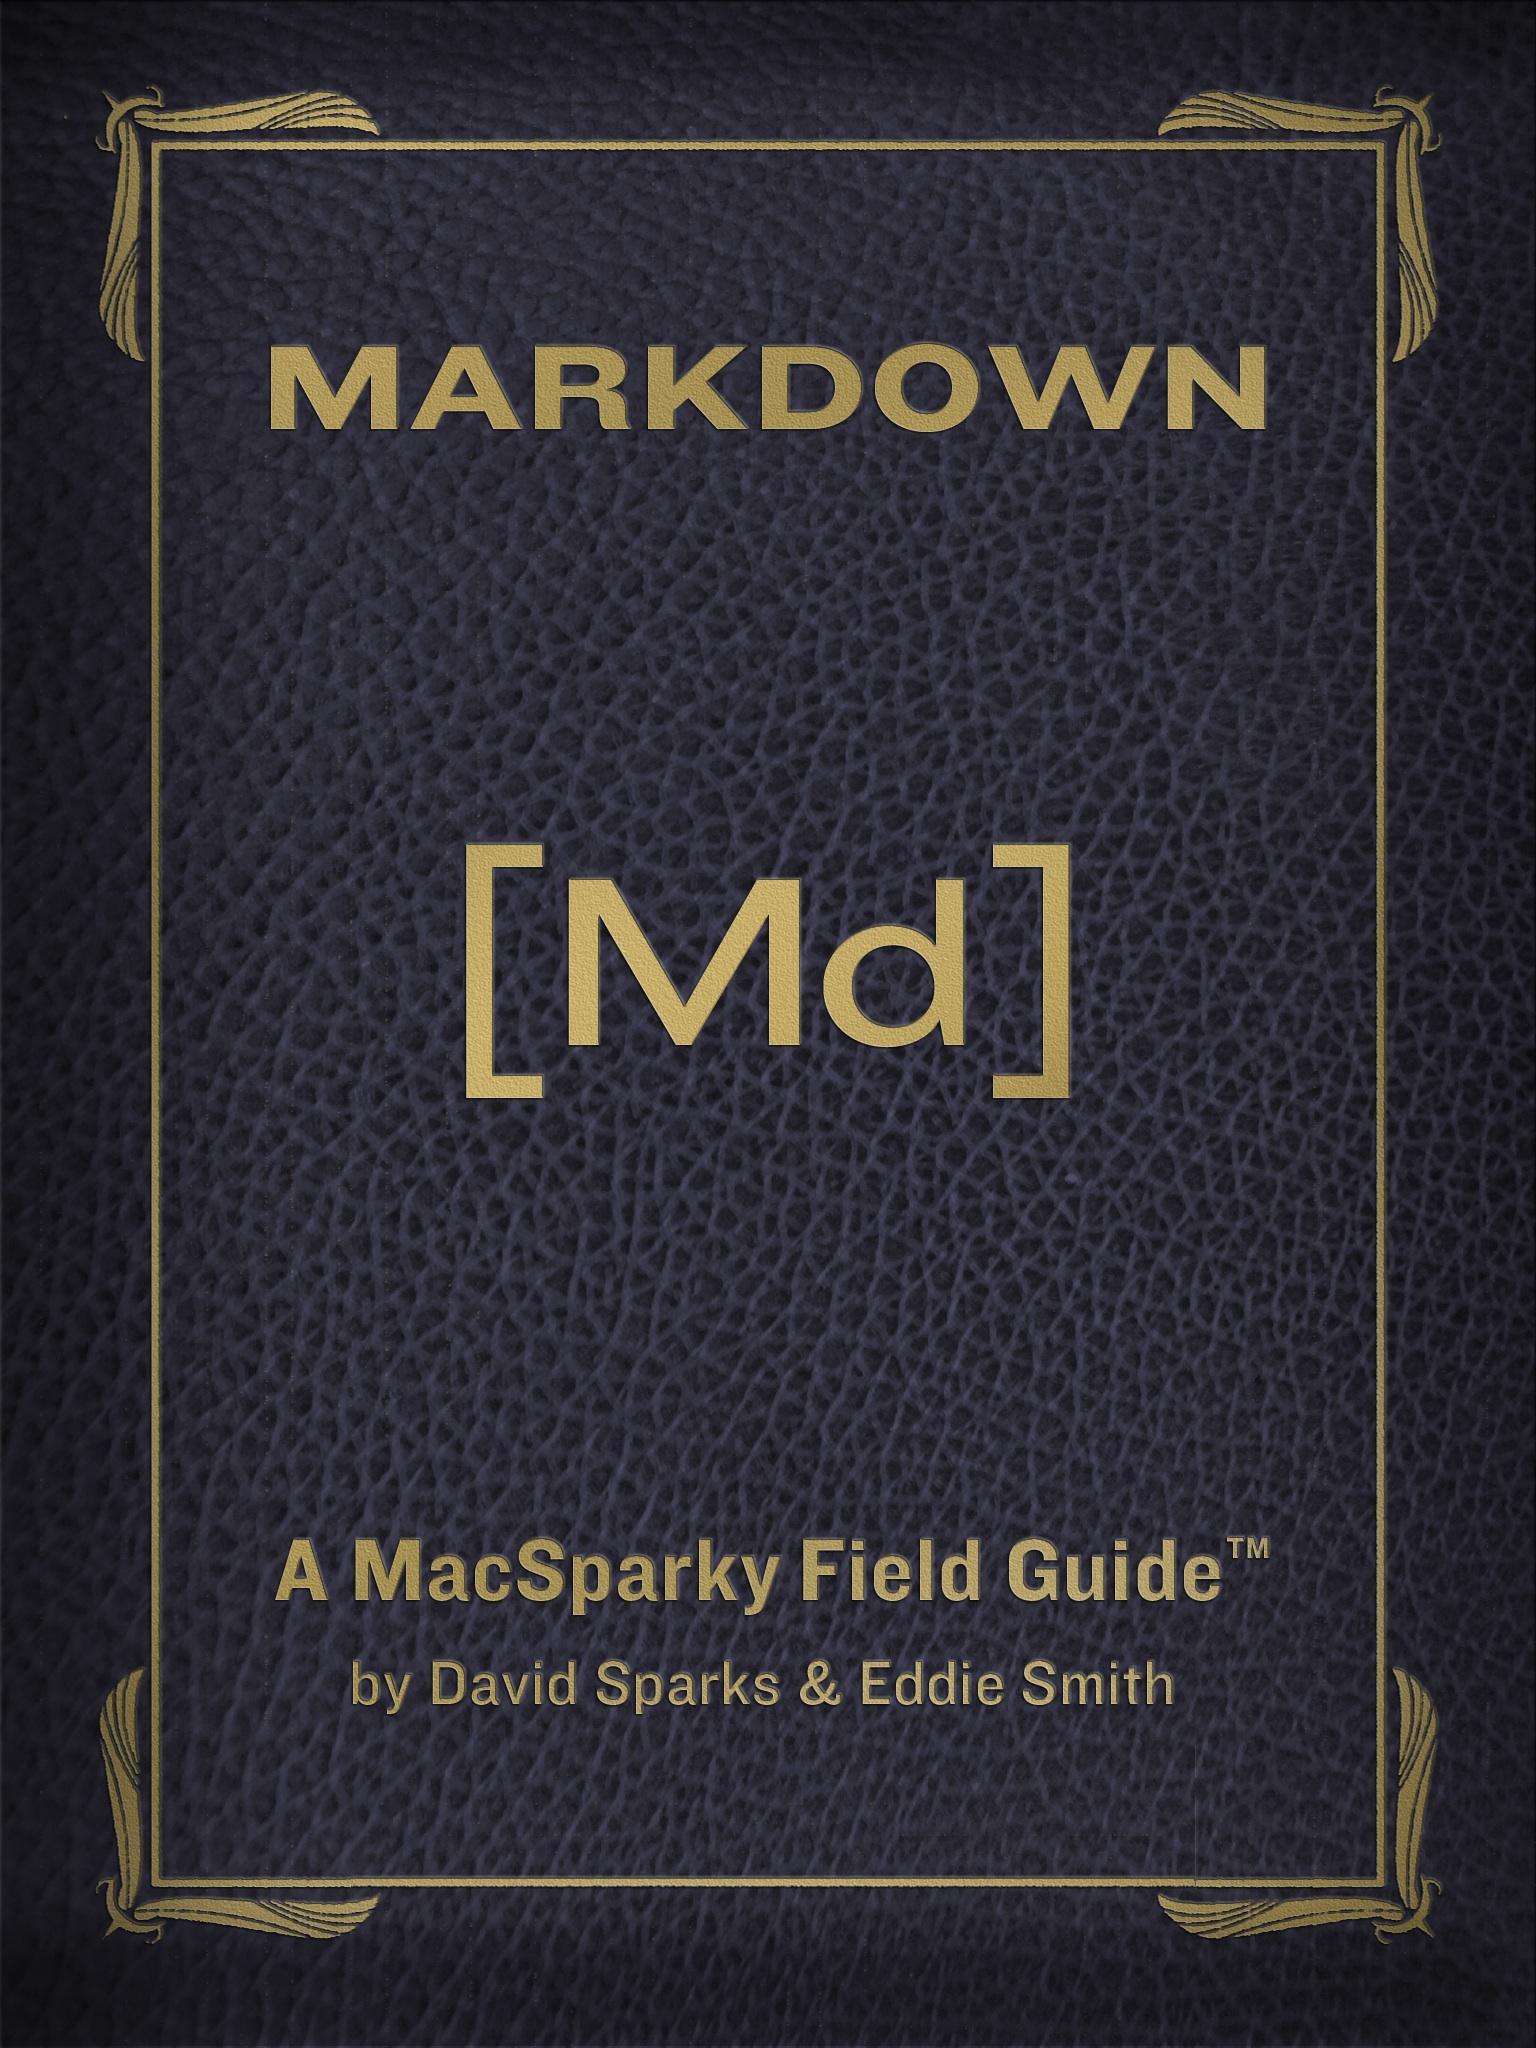 Markdown Cover Art - JPG.jpg